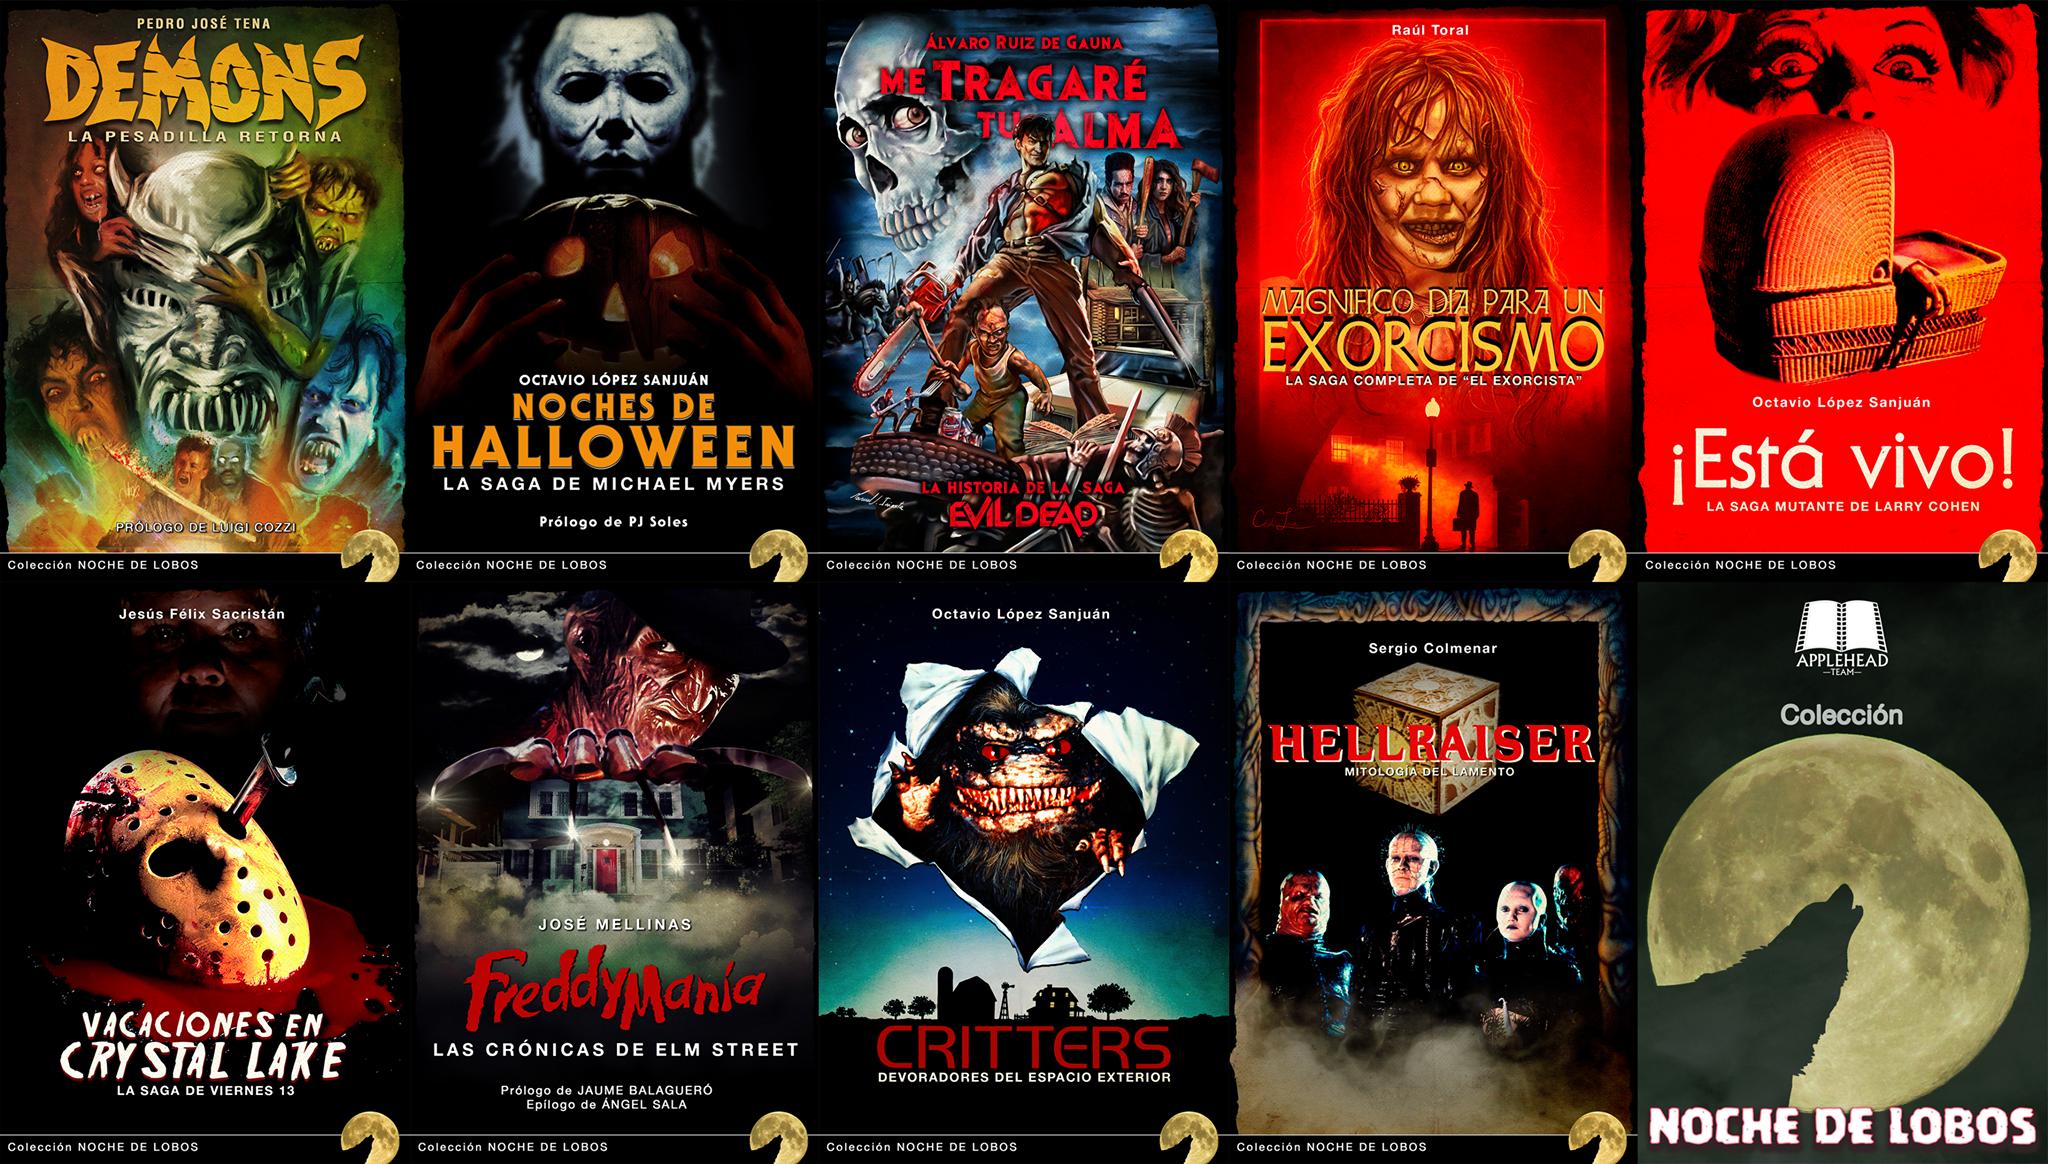 """Más """"Noches de lobos"""" para los aficionados al cine de terror"""